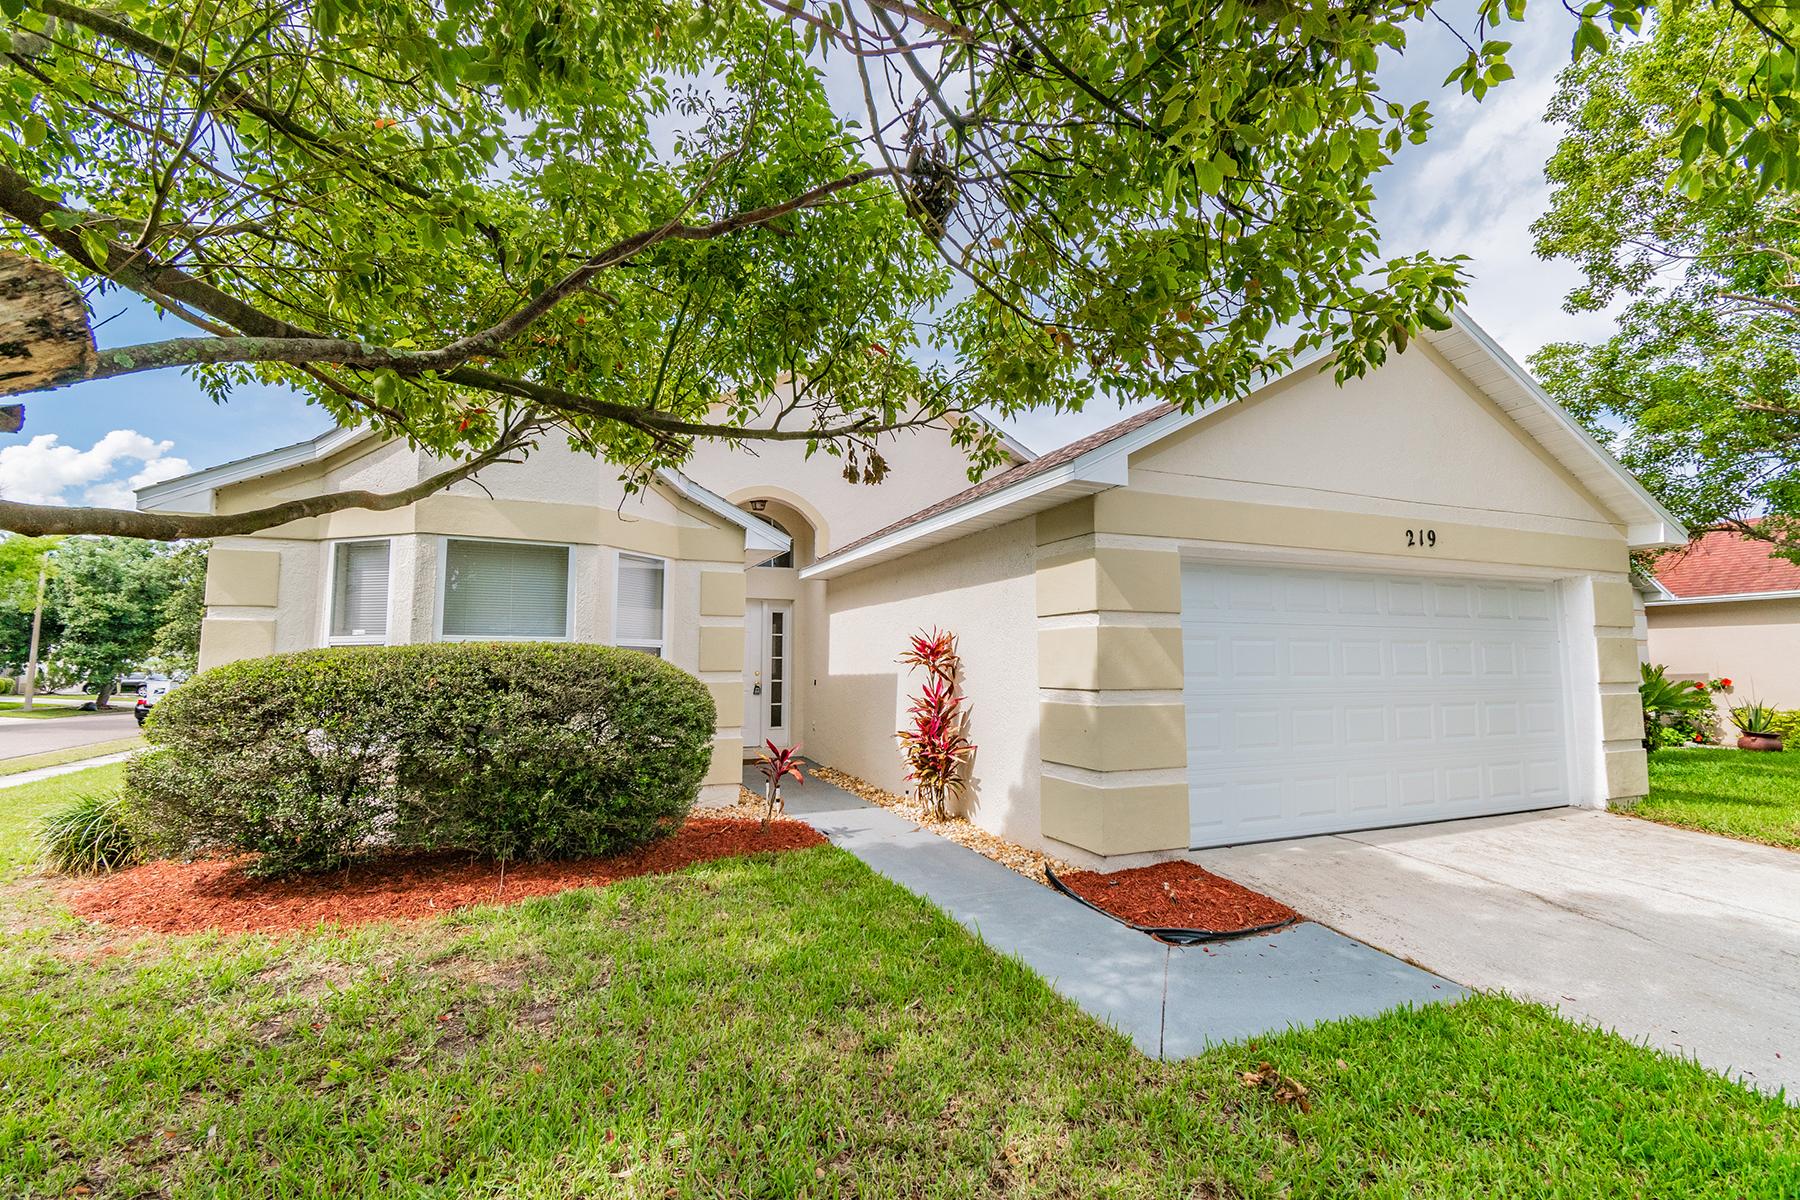 独户住宅 为 销售 在 ORLANDO - APOPKA 219 Morning Creek Cir 阿波普卡, 佛罗里达州 32712 美国